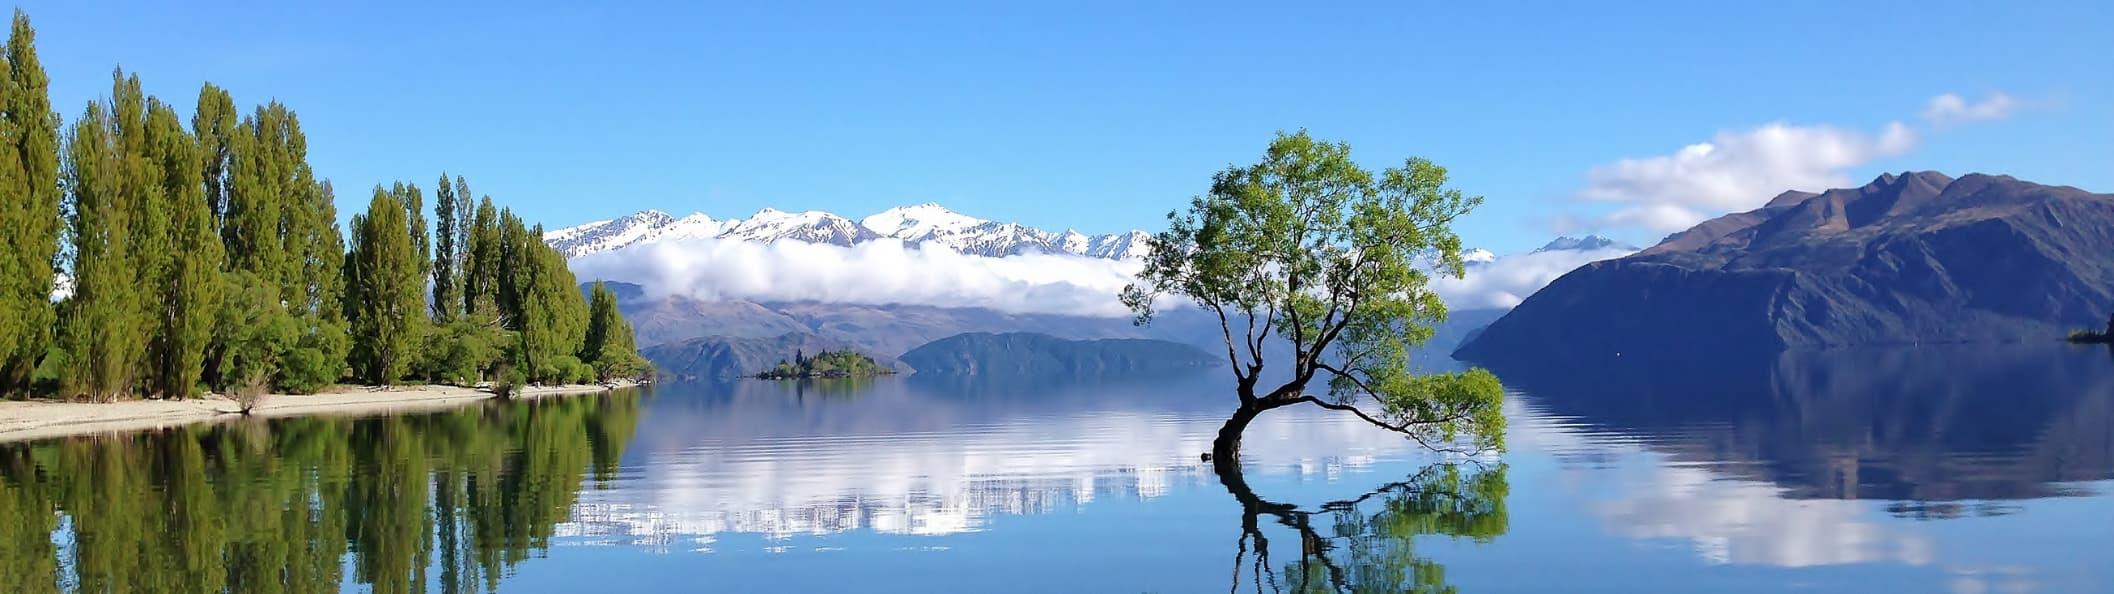 lago Wanaka, Cinco razones para visitar el lago Wanaka en Nueva Zelanda